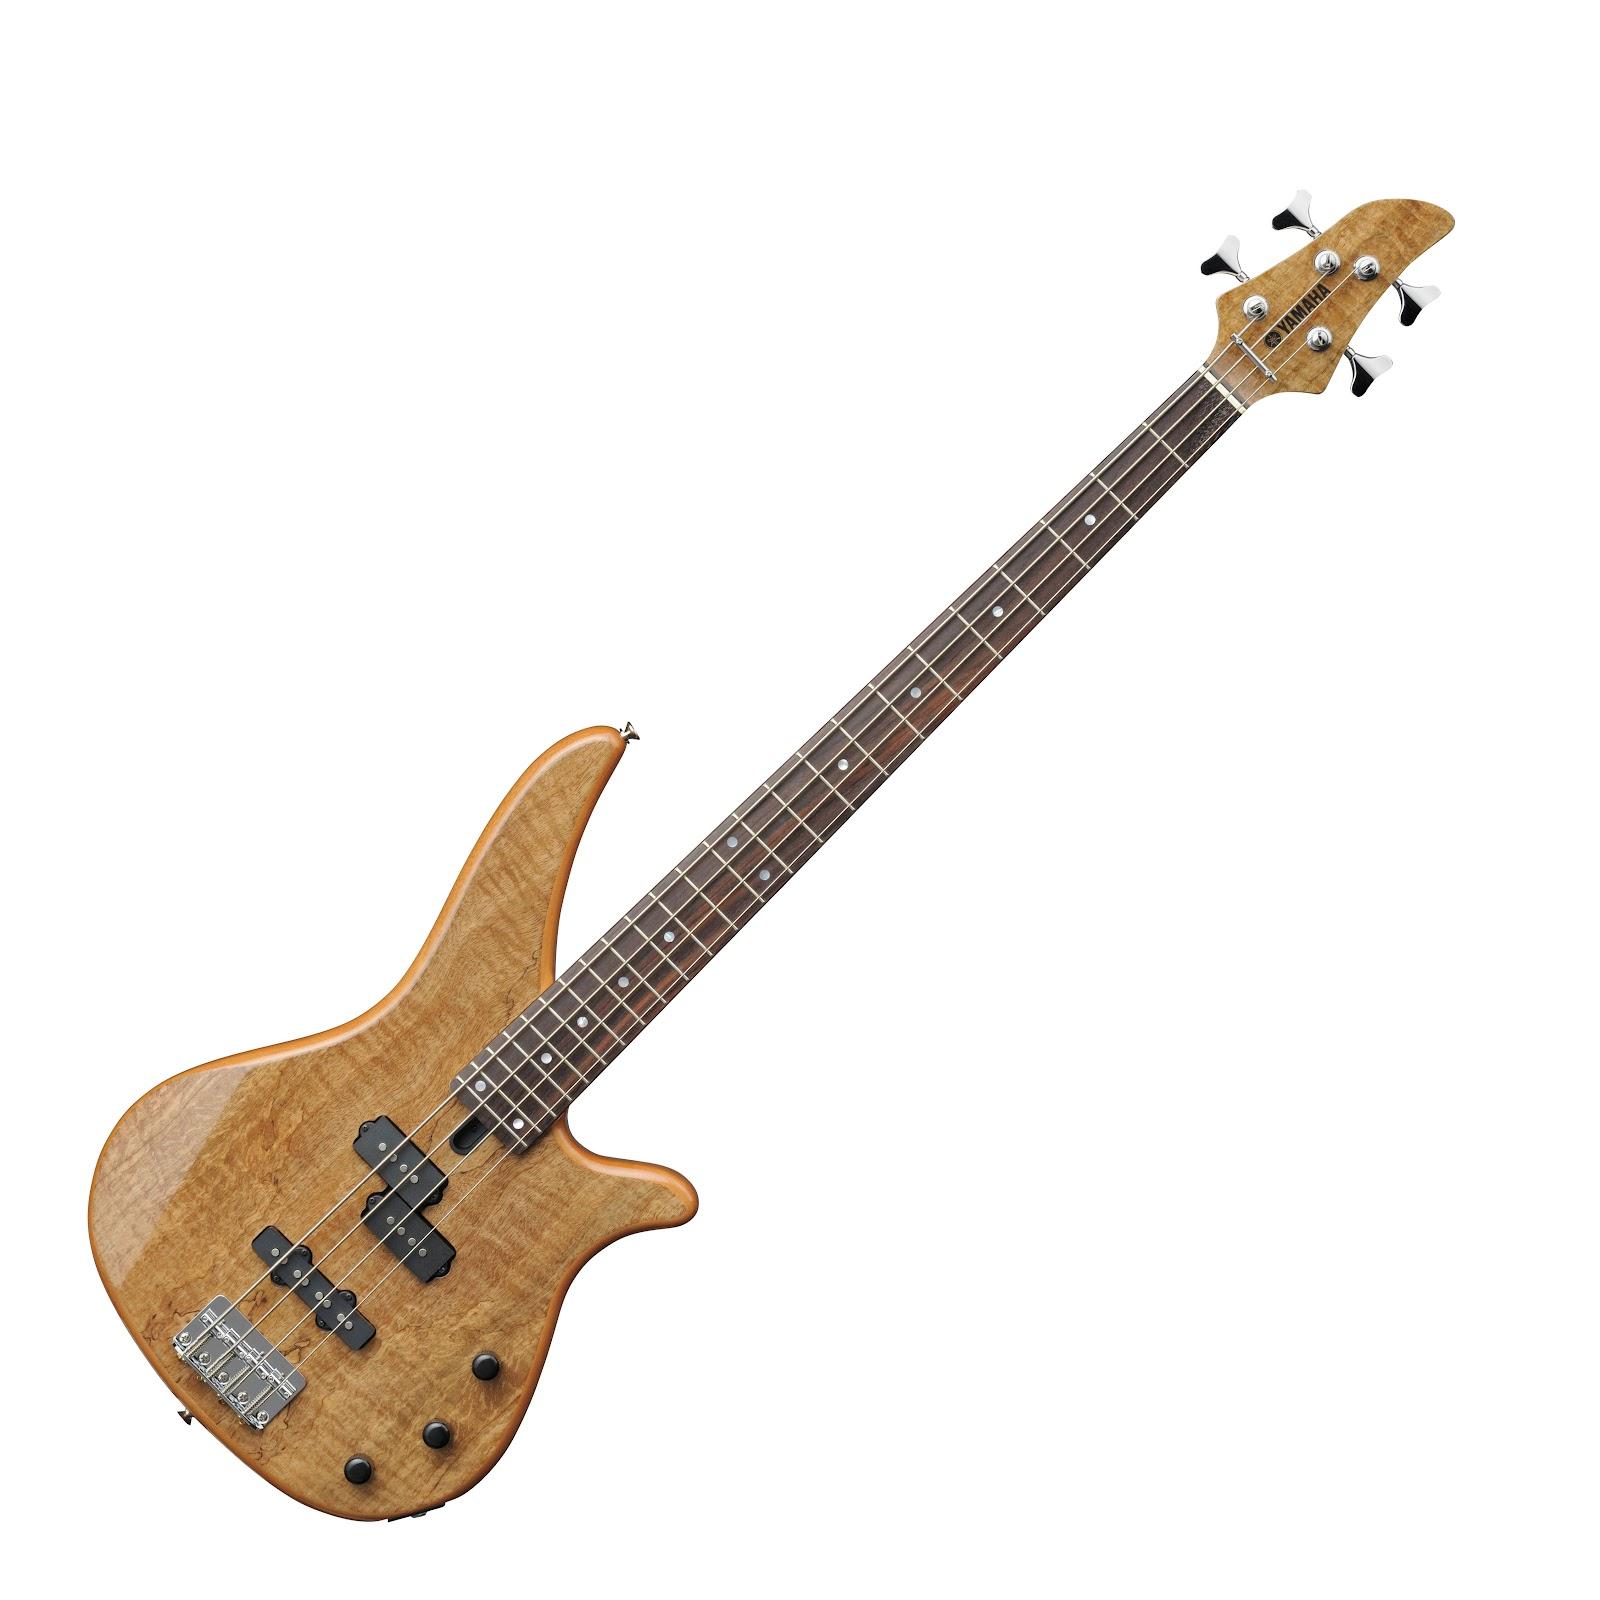 Yamaha Rbxj Bass Guitar Review